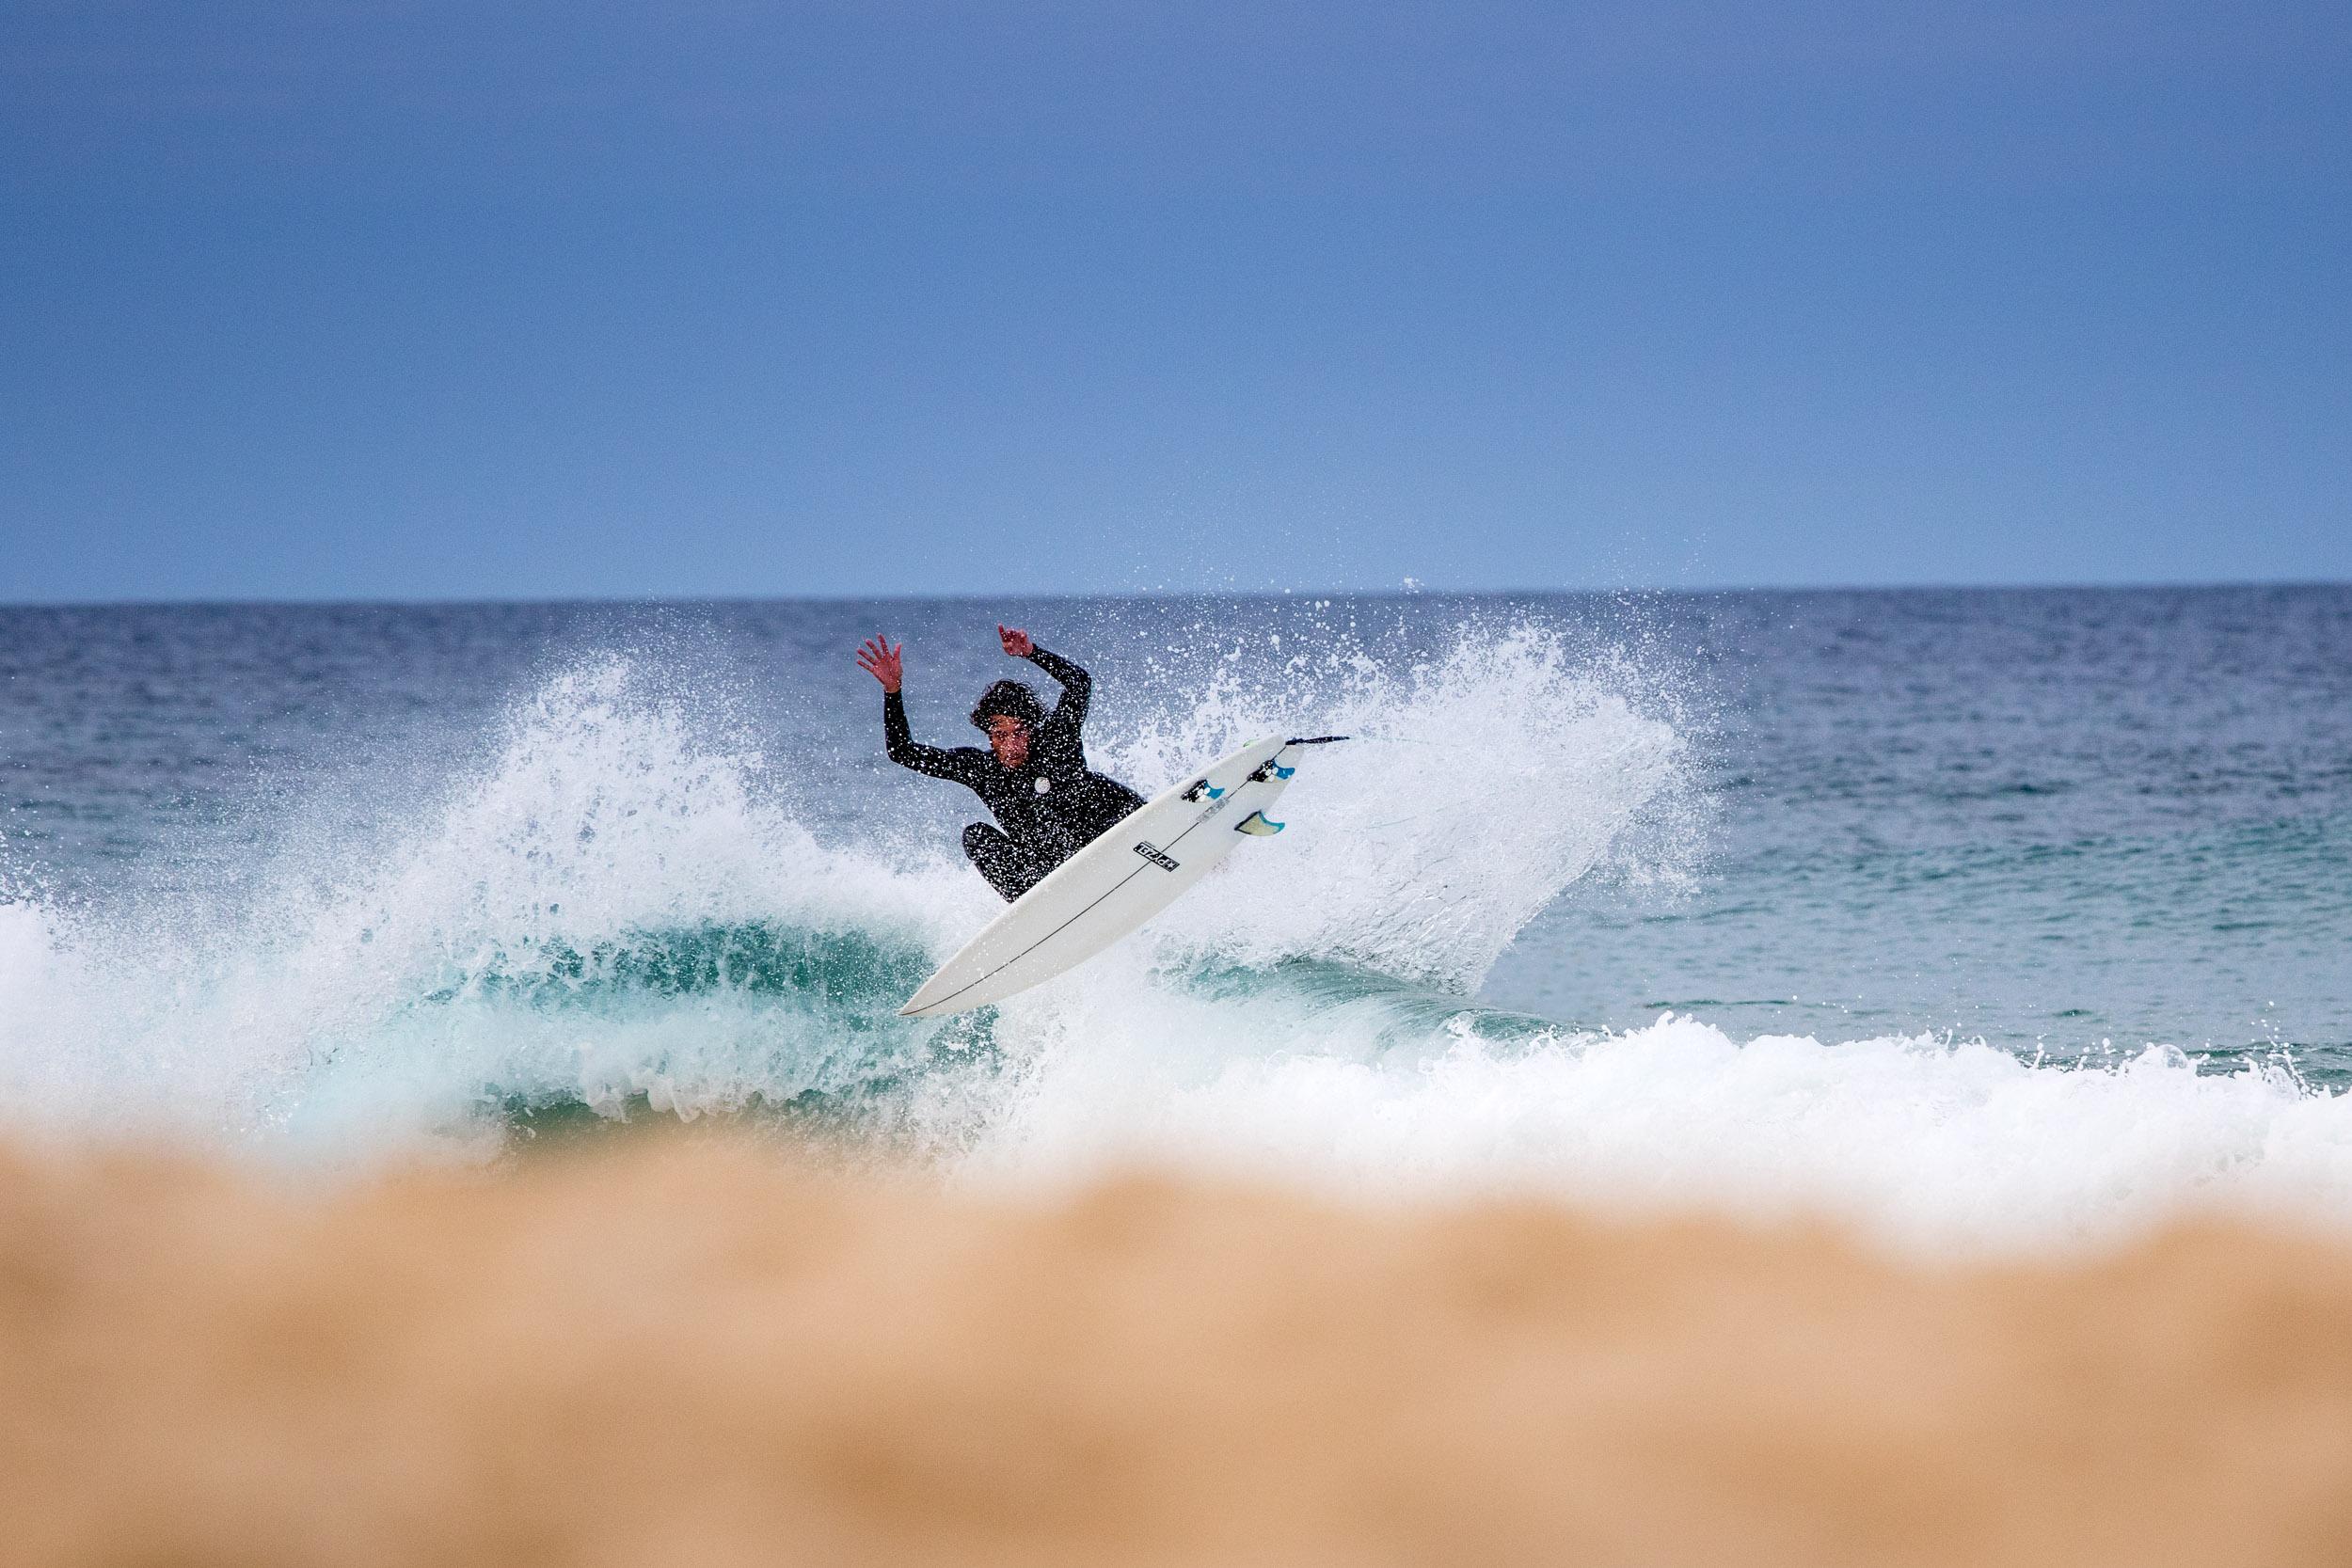 beach-break-aerials-surf-photography-S1755-286.jpg